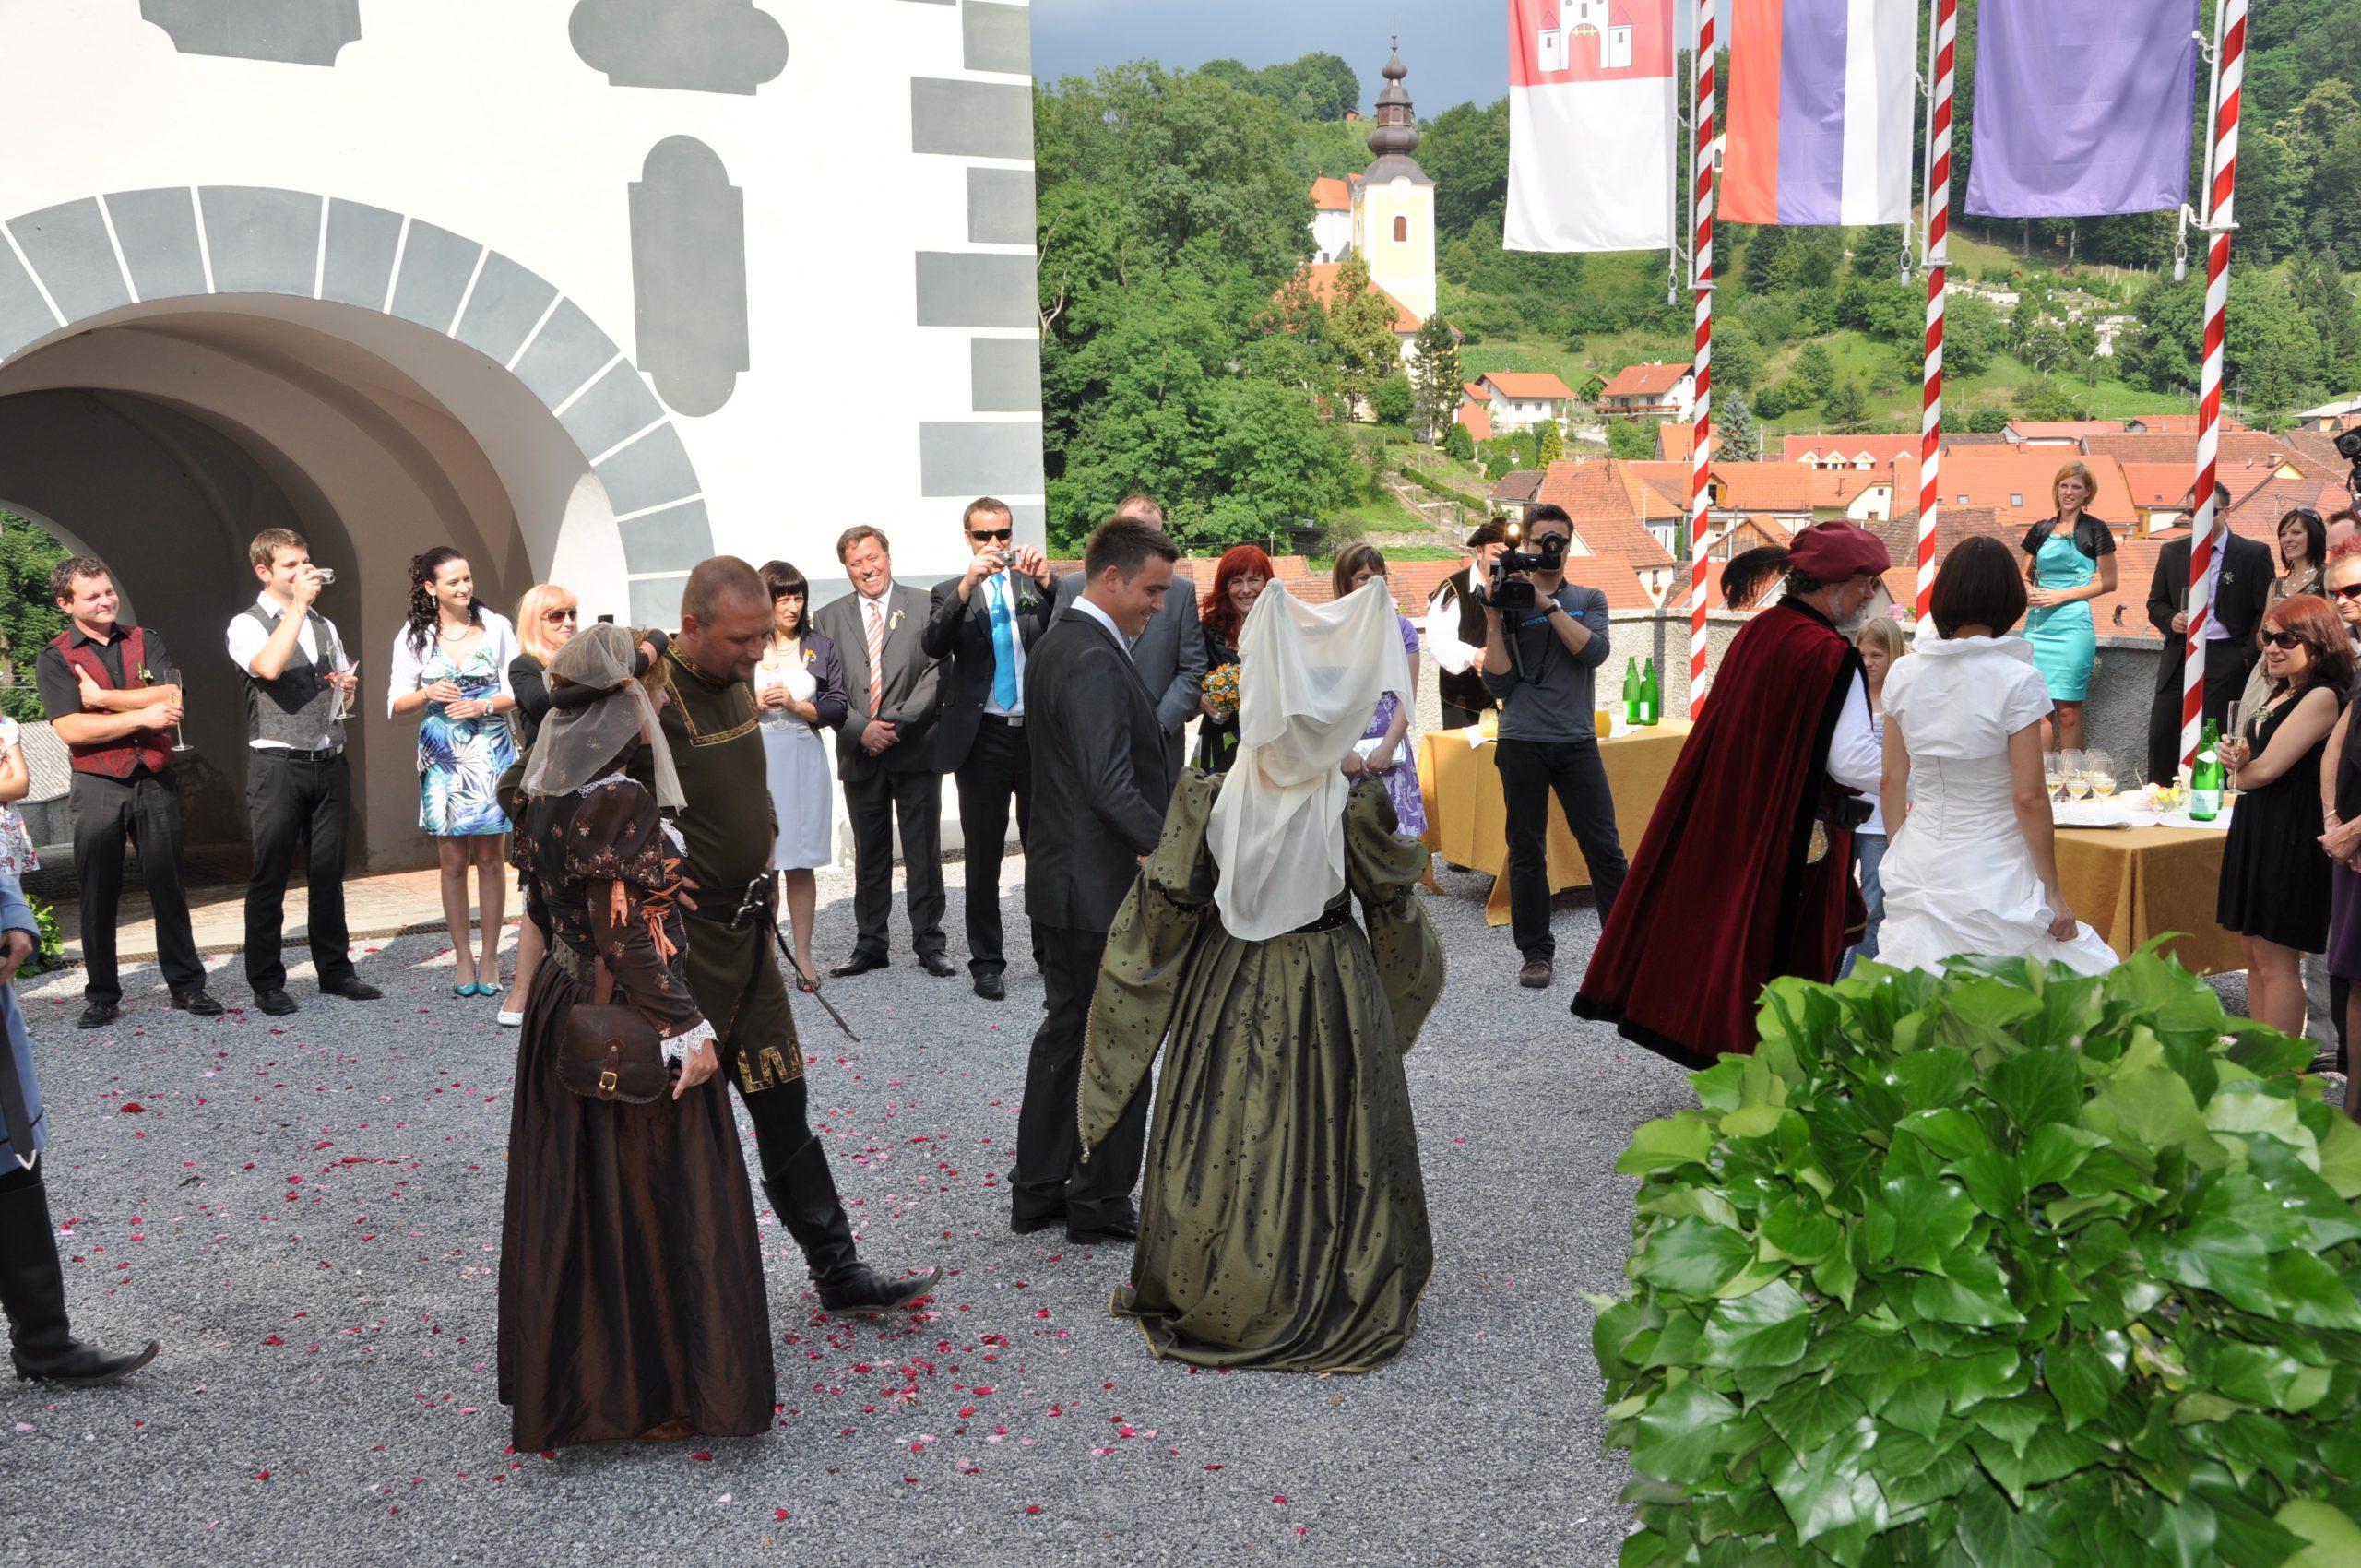 3 - Sprejem ženina in neveste na grajskem dvorišču v spremstvu plemstva_Dvorec Strmol, Rogatec